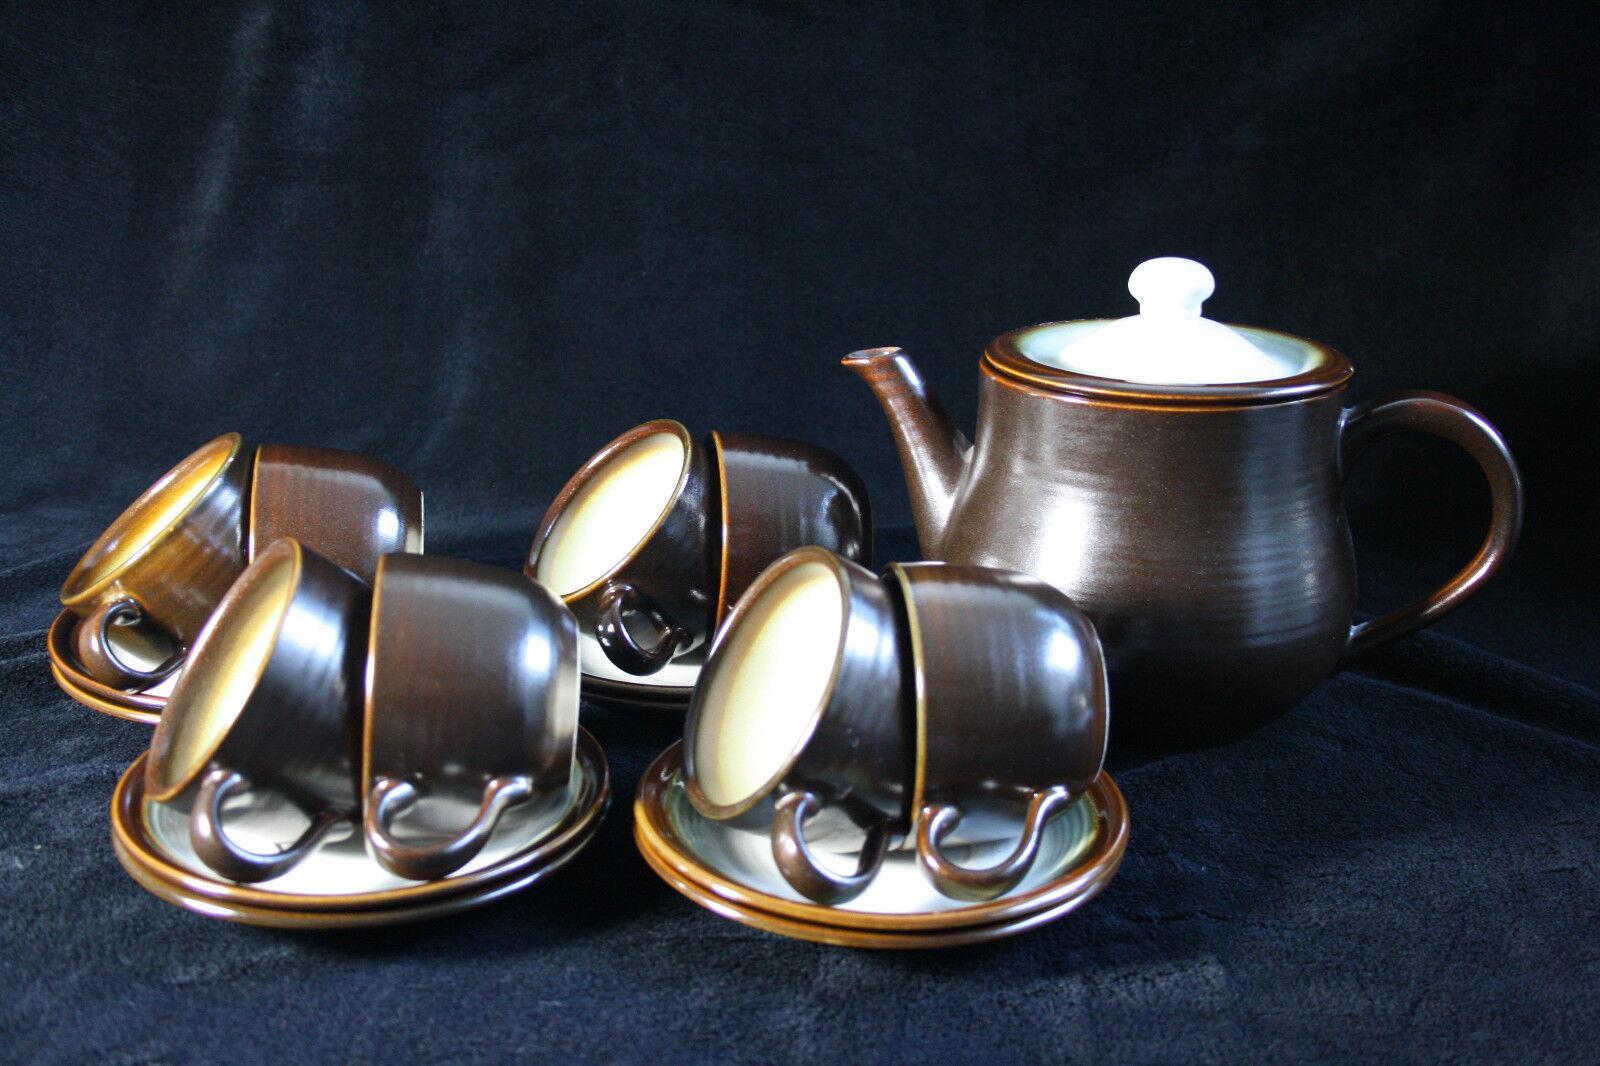 Vintage 18-piece tea set Franciscan Chestnut, Made in England